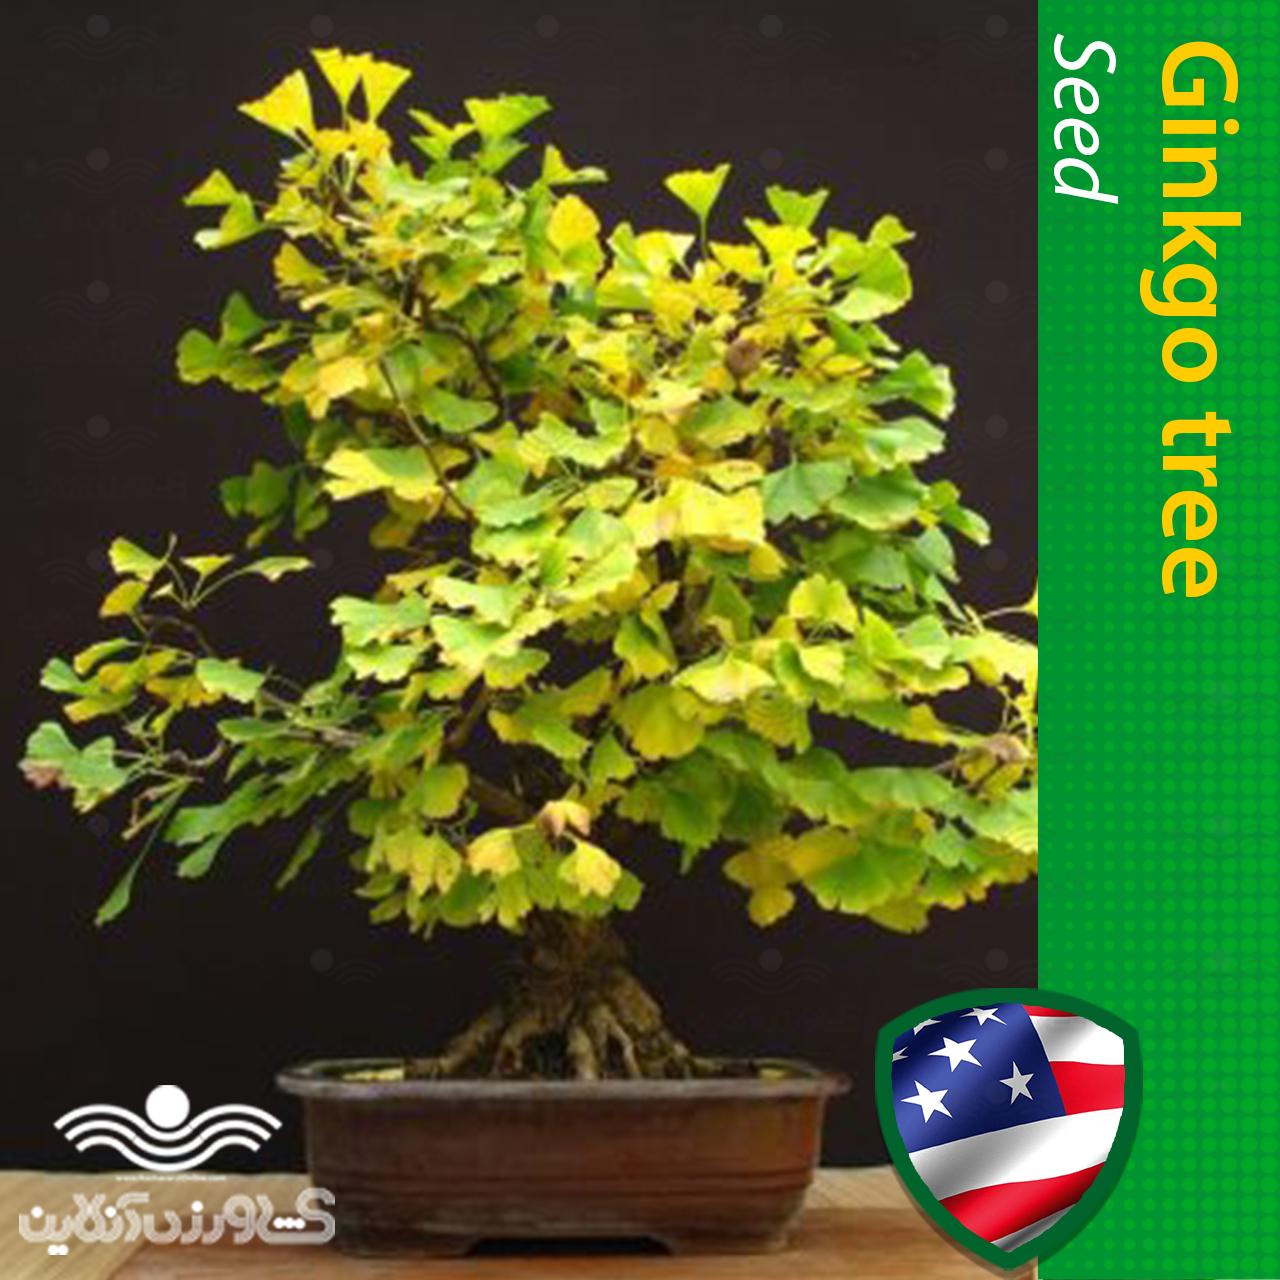 بذر درخت ژینکو یا جینکو و روش کاشت درخت ژینکو